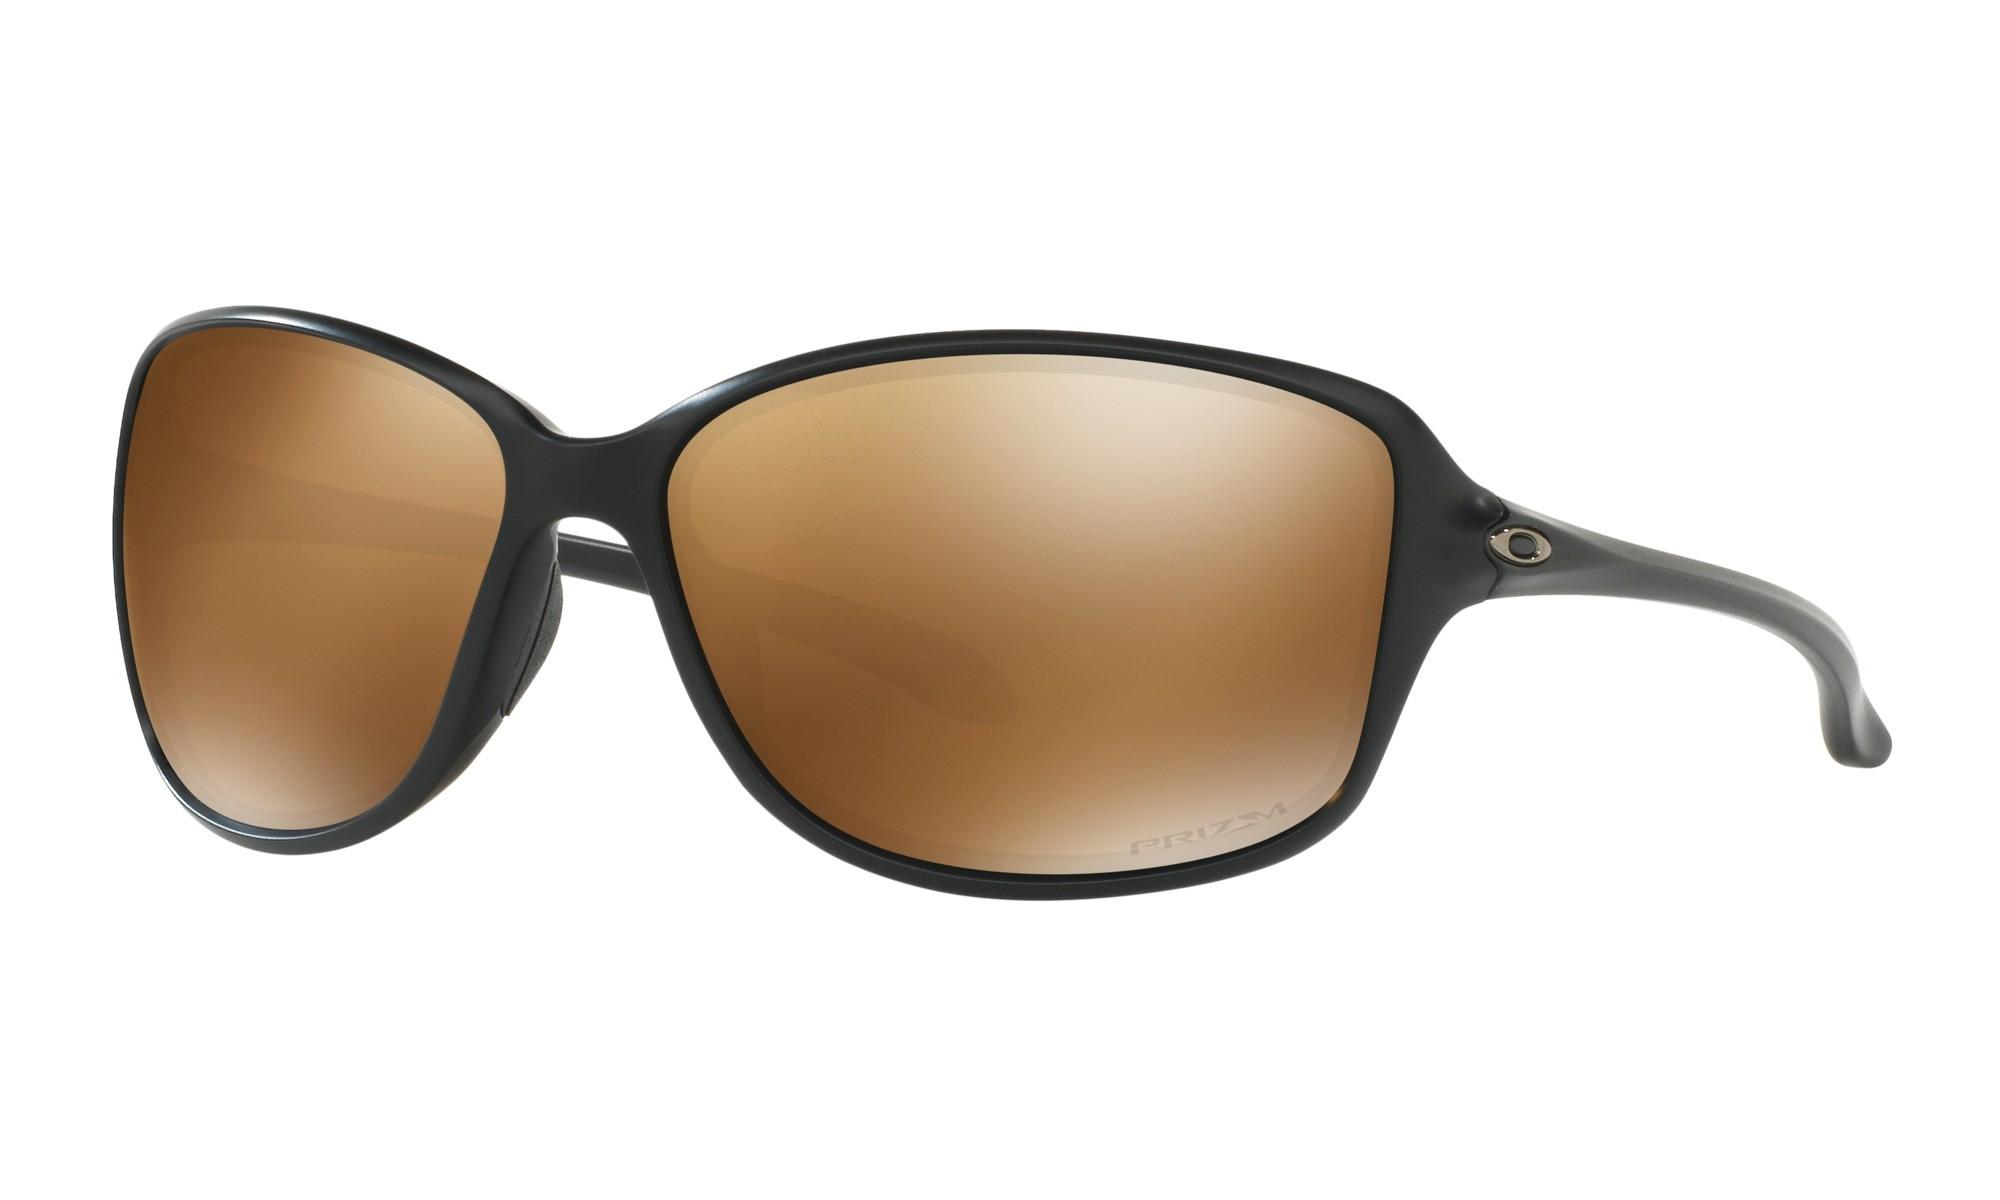 8bb616f6f7 Oakley Cohort Matte Black Prizm Tungsten Polarized Sunglasses